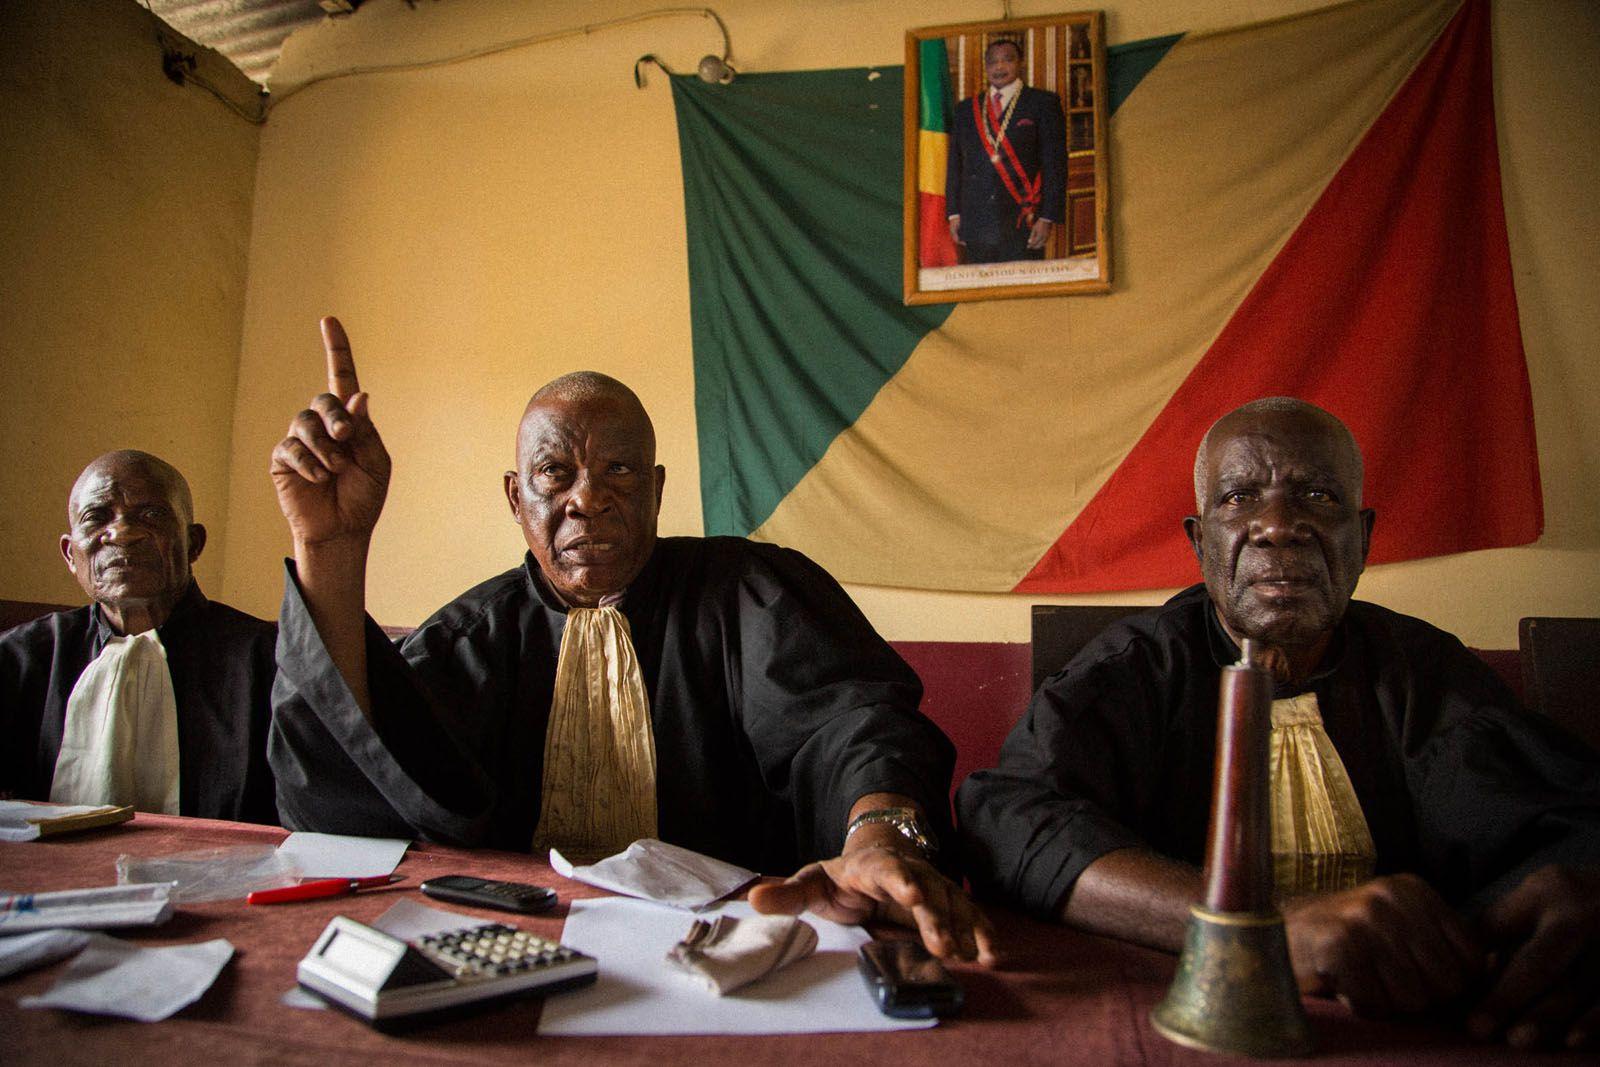 KONGO (BANDE-ANNONCE) Documentaire de Hadrien La Vapeur et Corto Vaclav - Le 22 juin 2020 au cinéma